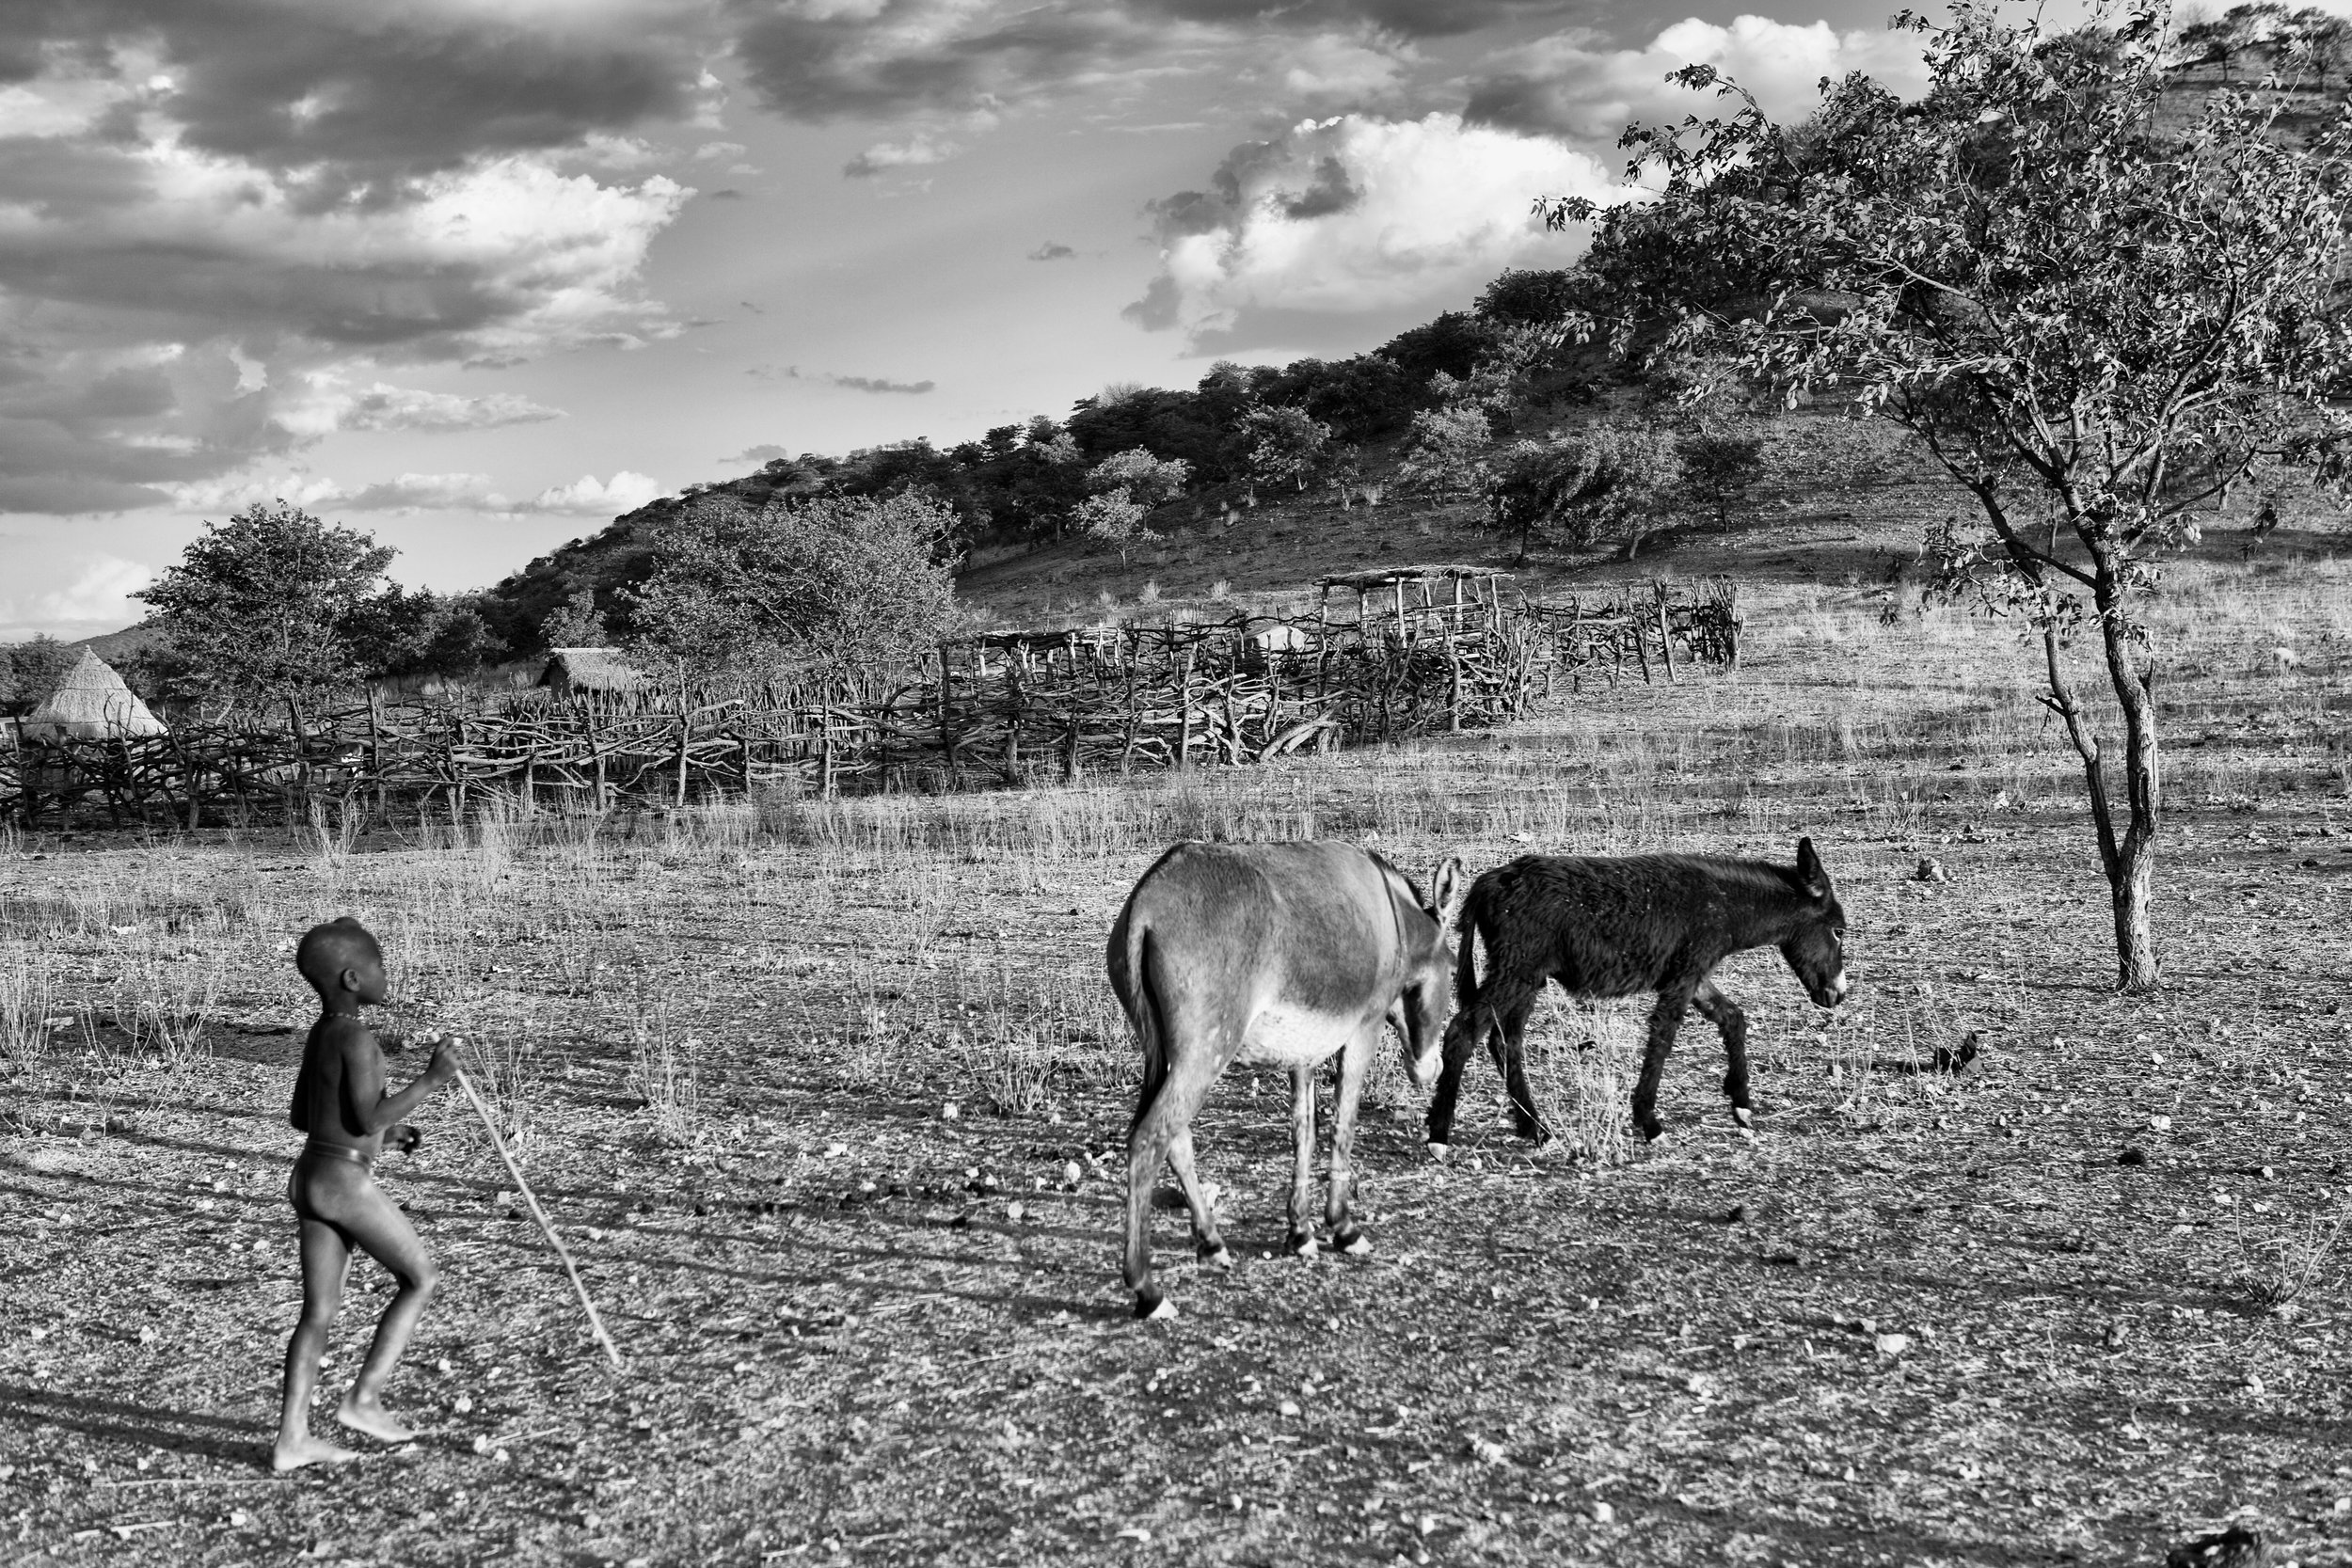 IMG_4487-bw-himba-burro-ig.jpg